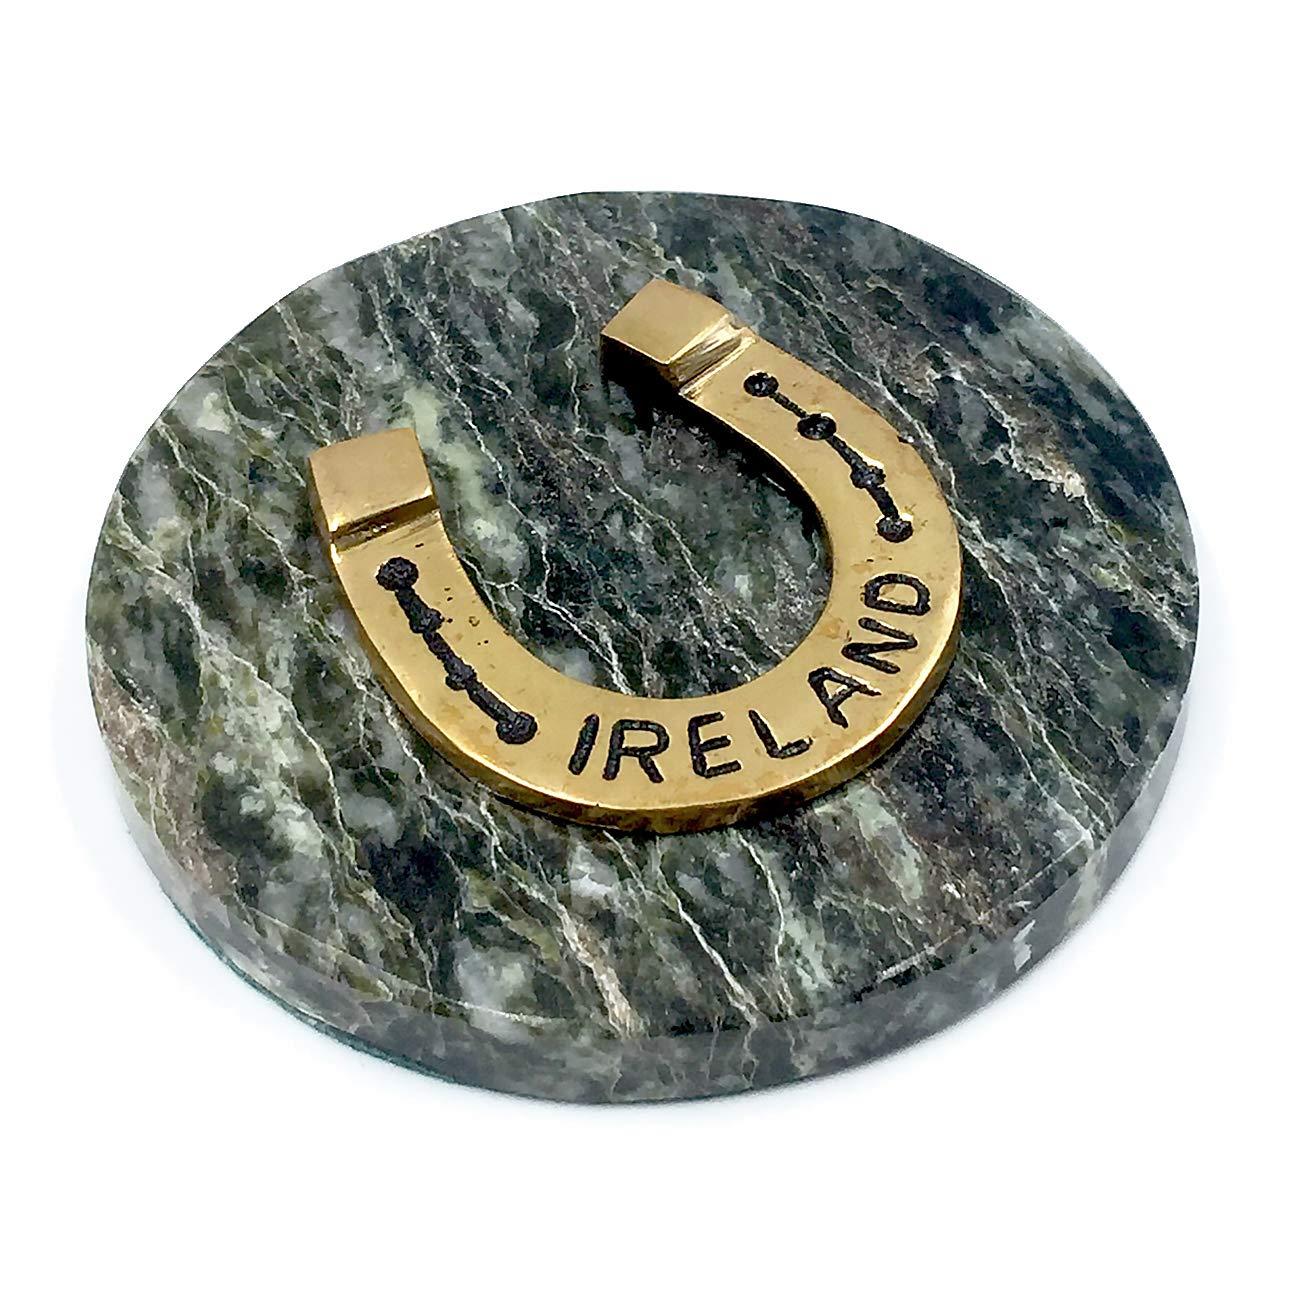 Connemara Irish Marble Paperweight w/Horseshoe Ireland by Connemara